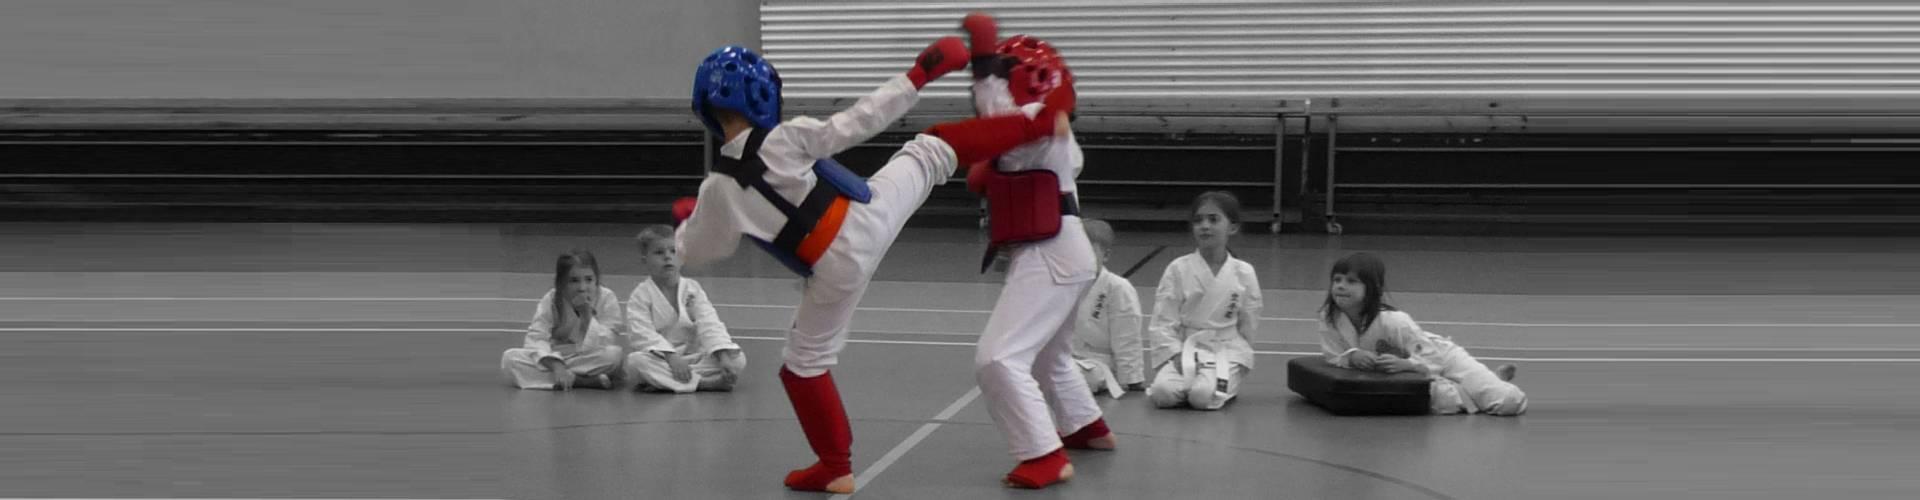 Ochraniacze Do Karate